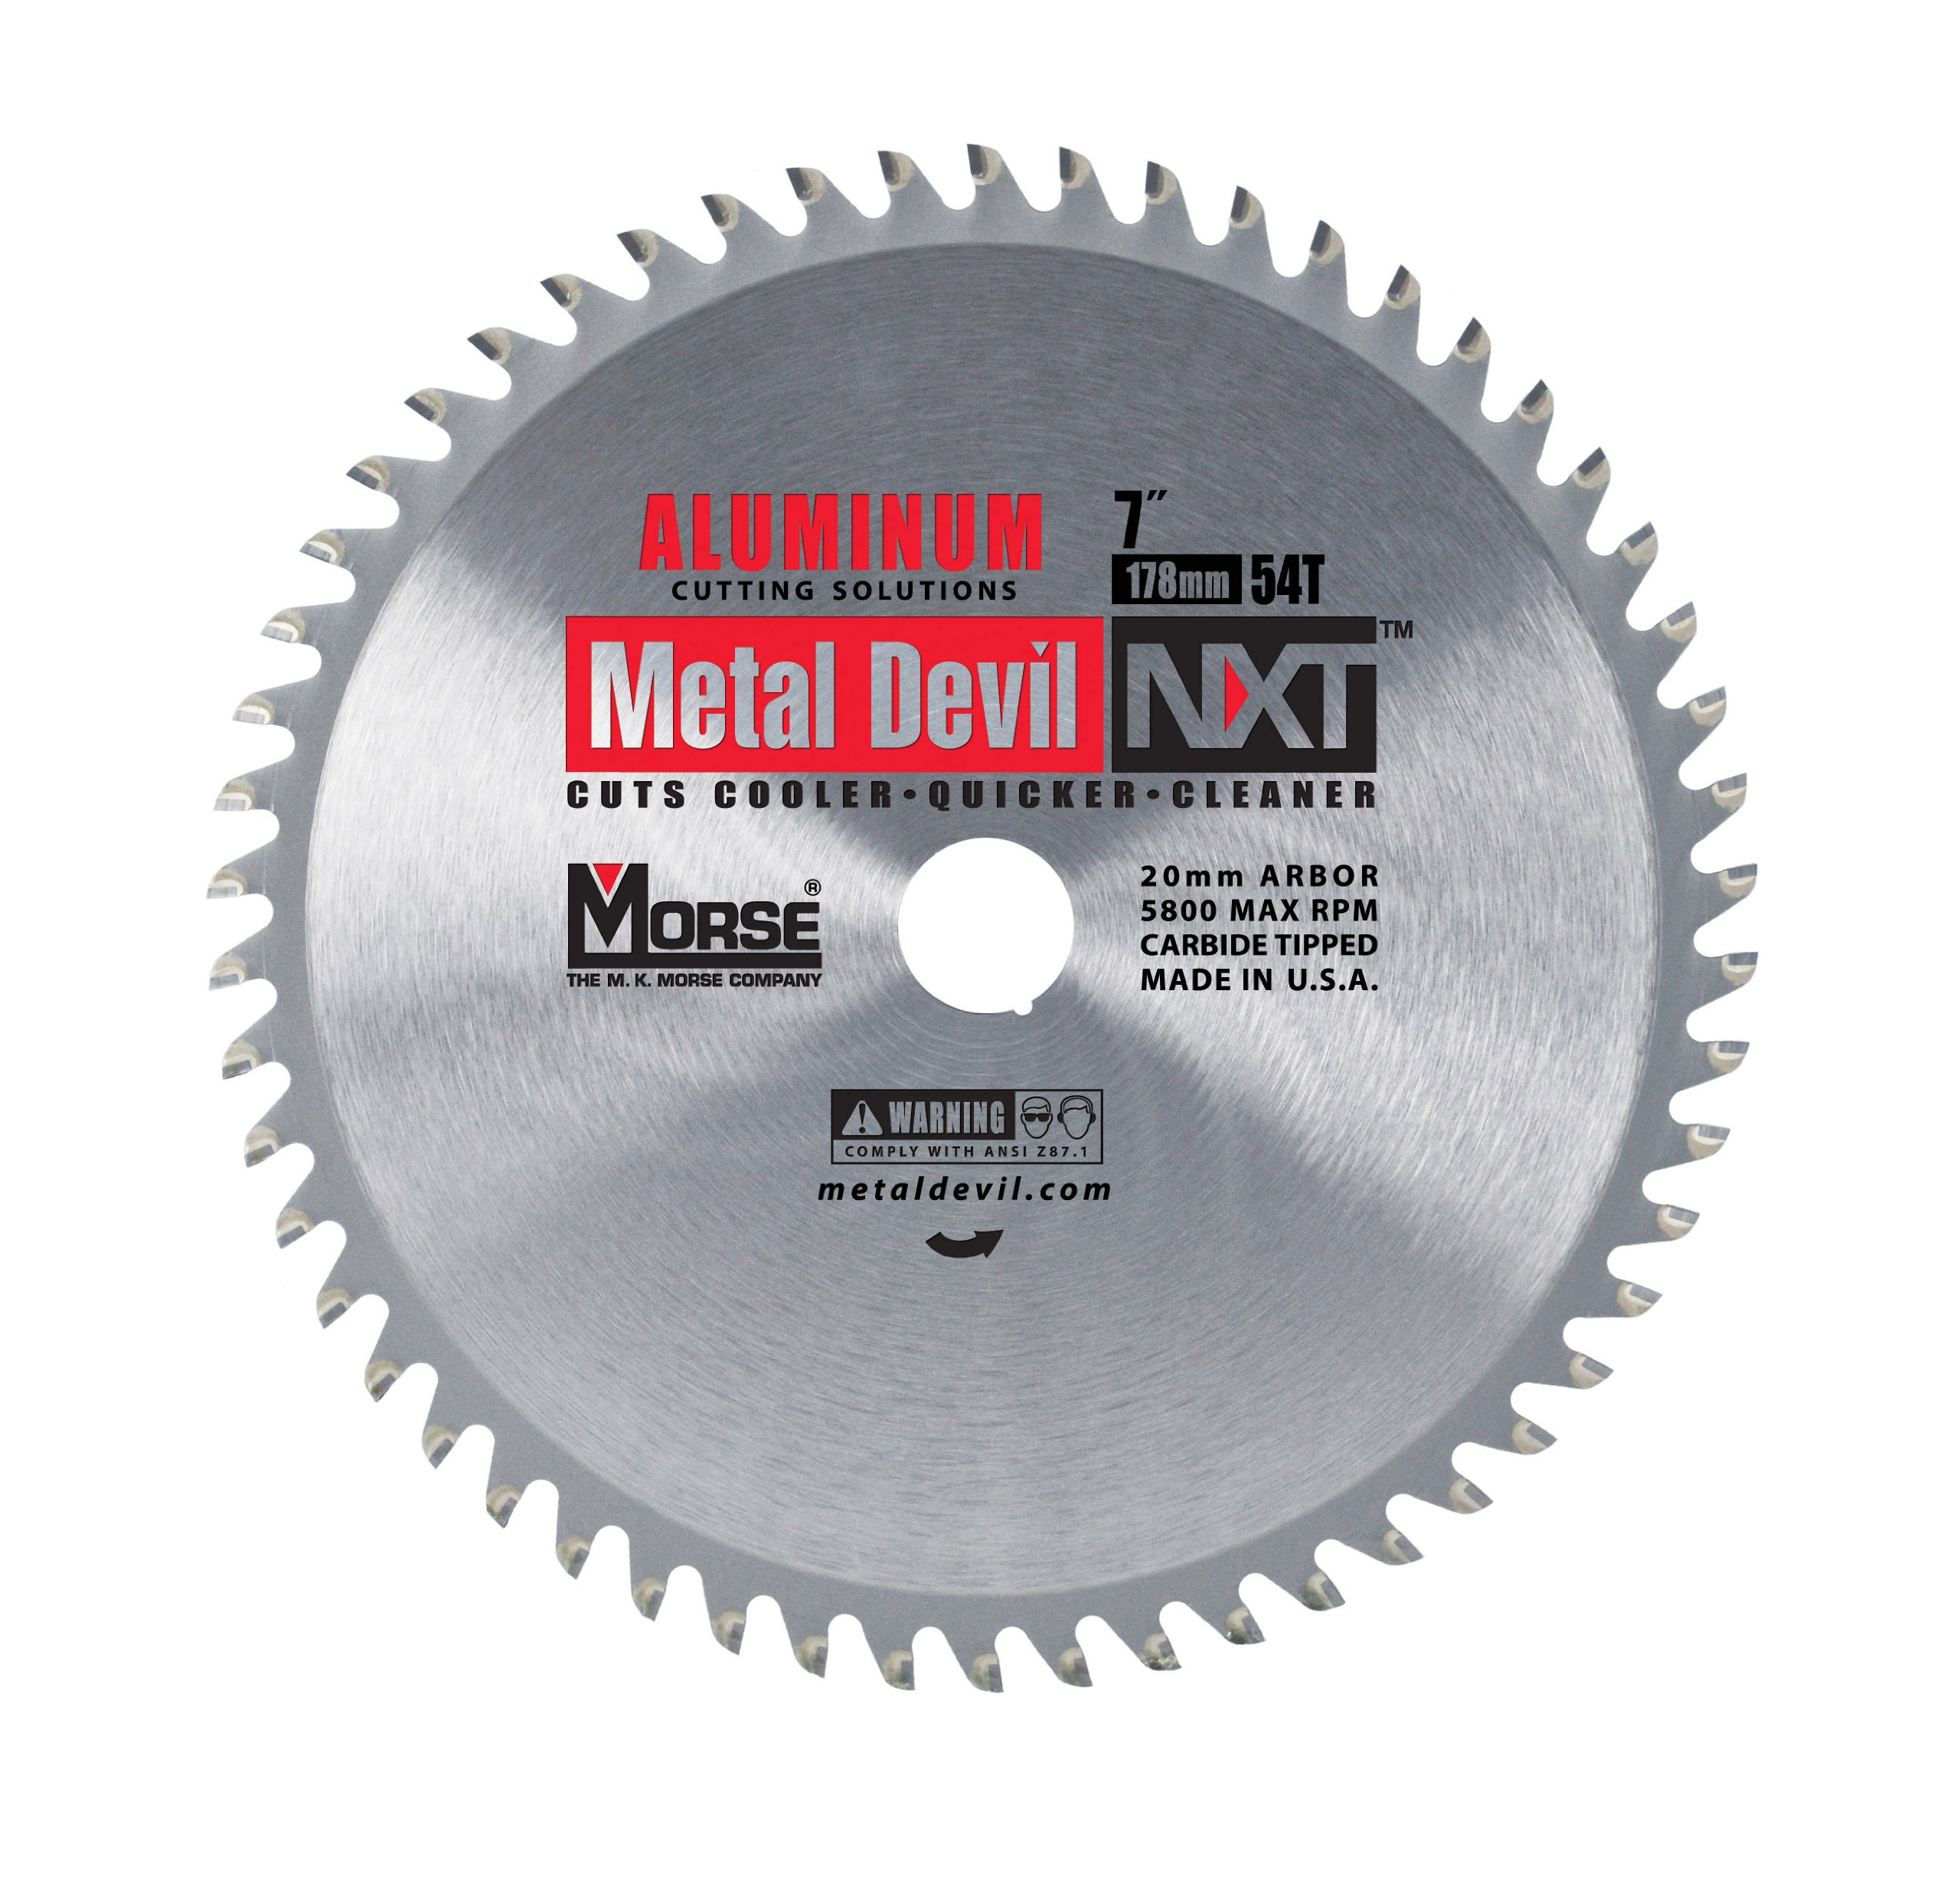 Disco Sierra MK MORSE CSM754NAC Metal Devil Aluminio Aplic